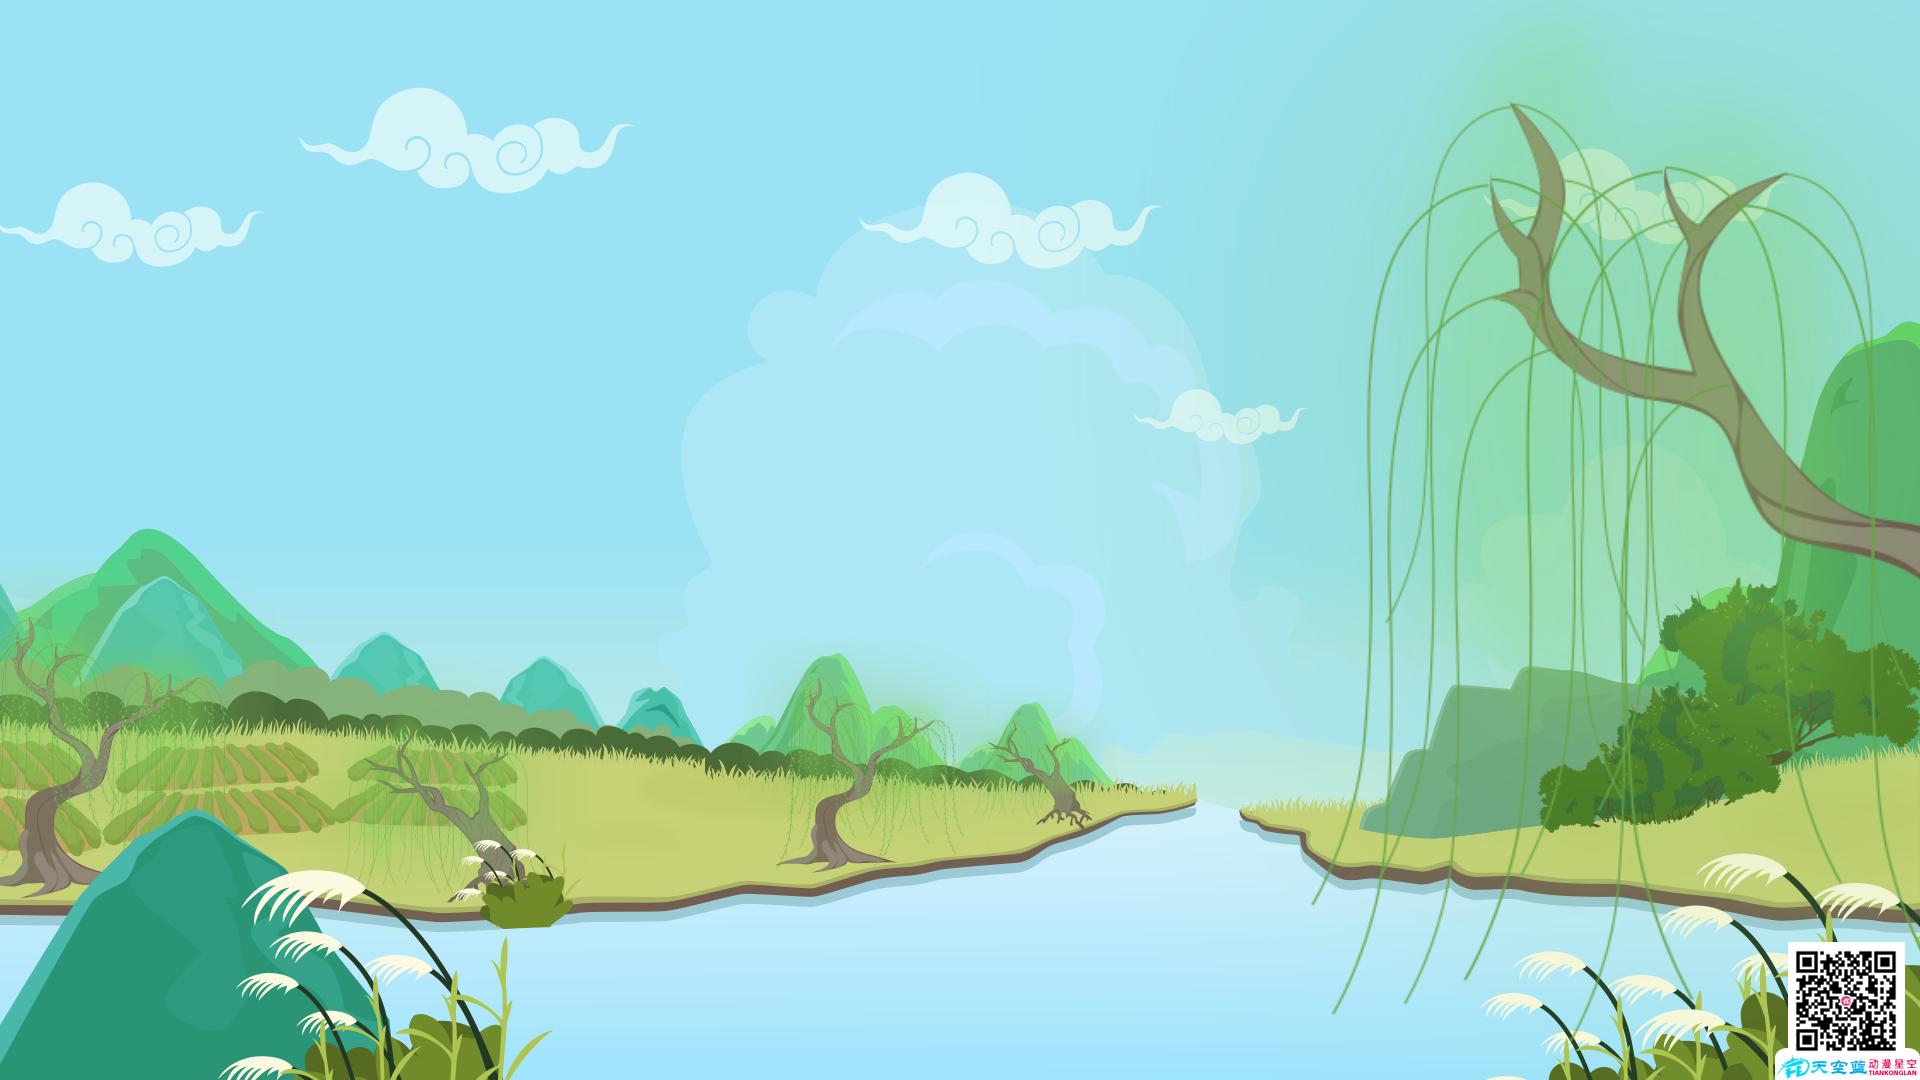 动画教学视频制作《村居》小学二年级动画学习片 教学动画制作 第3张